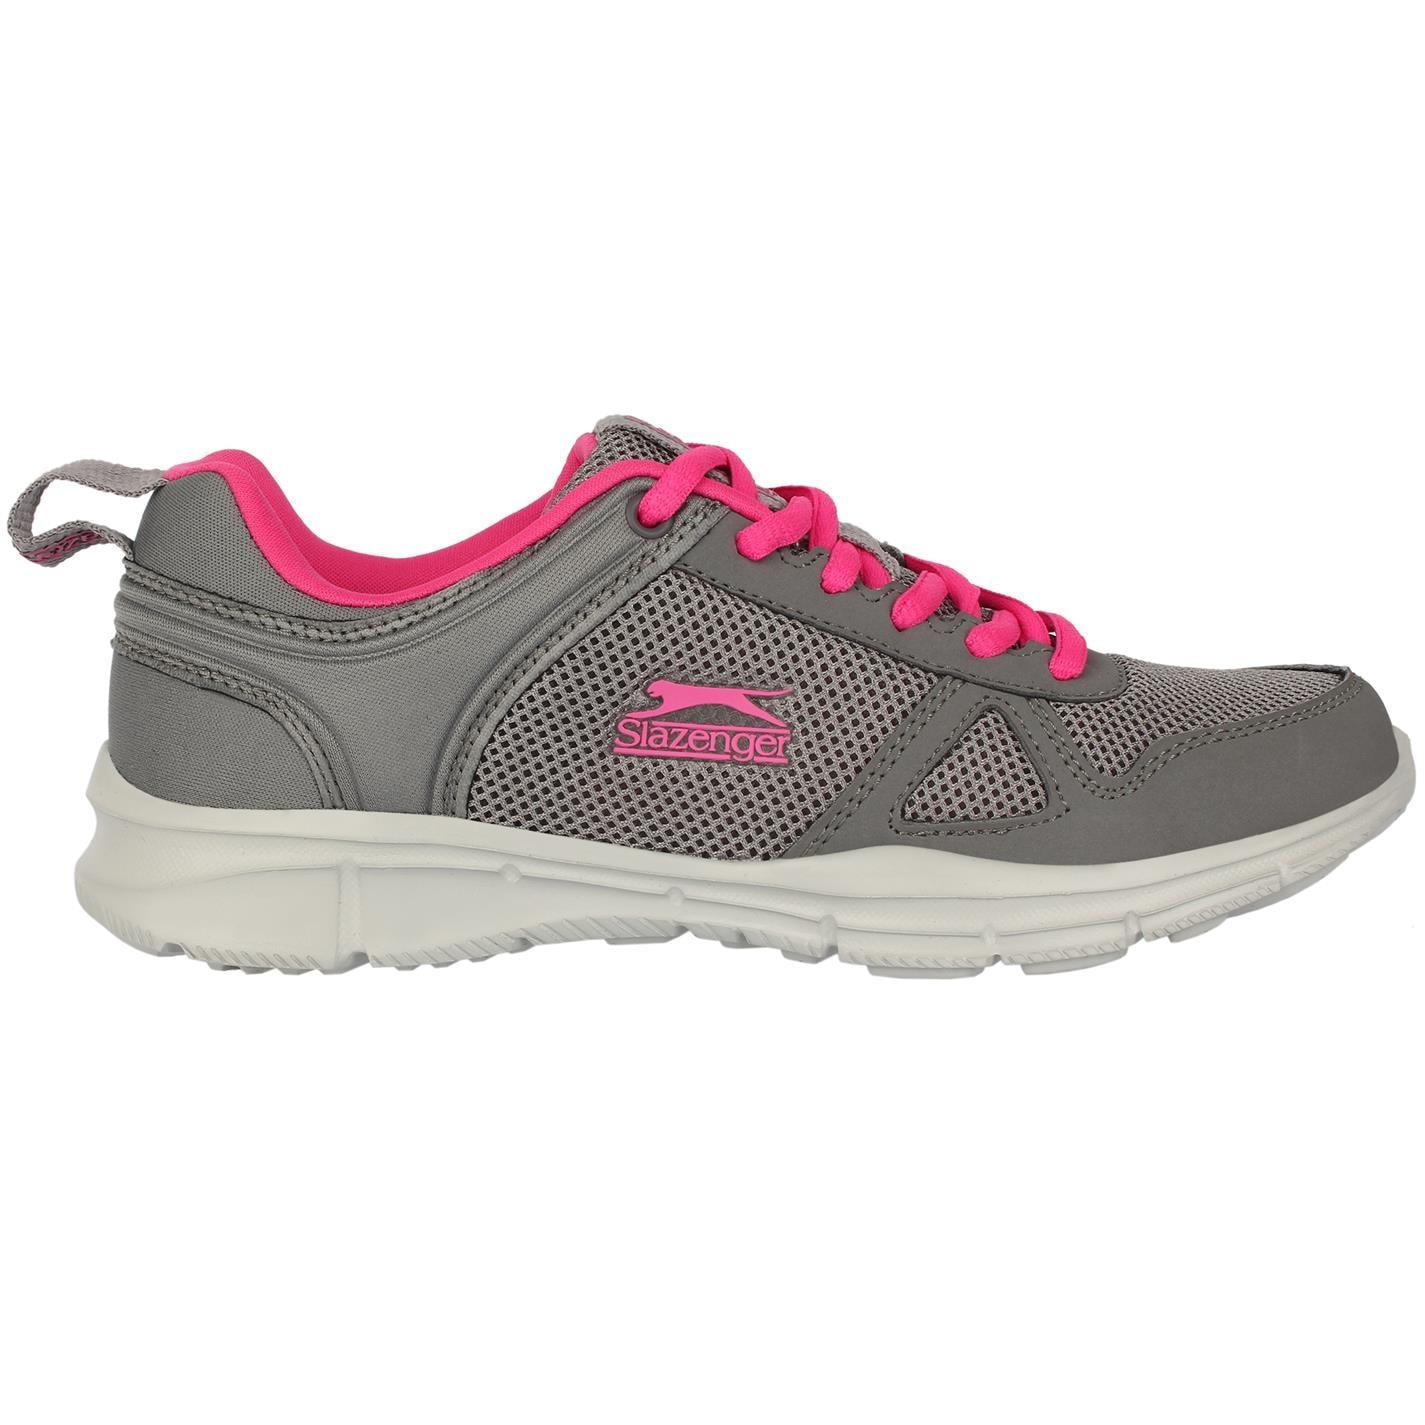 Slazenger Force Mesh dámské běžecké boty Charcoal/Pink